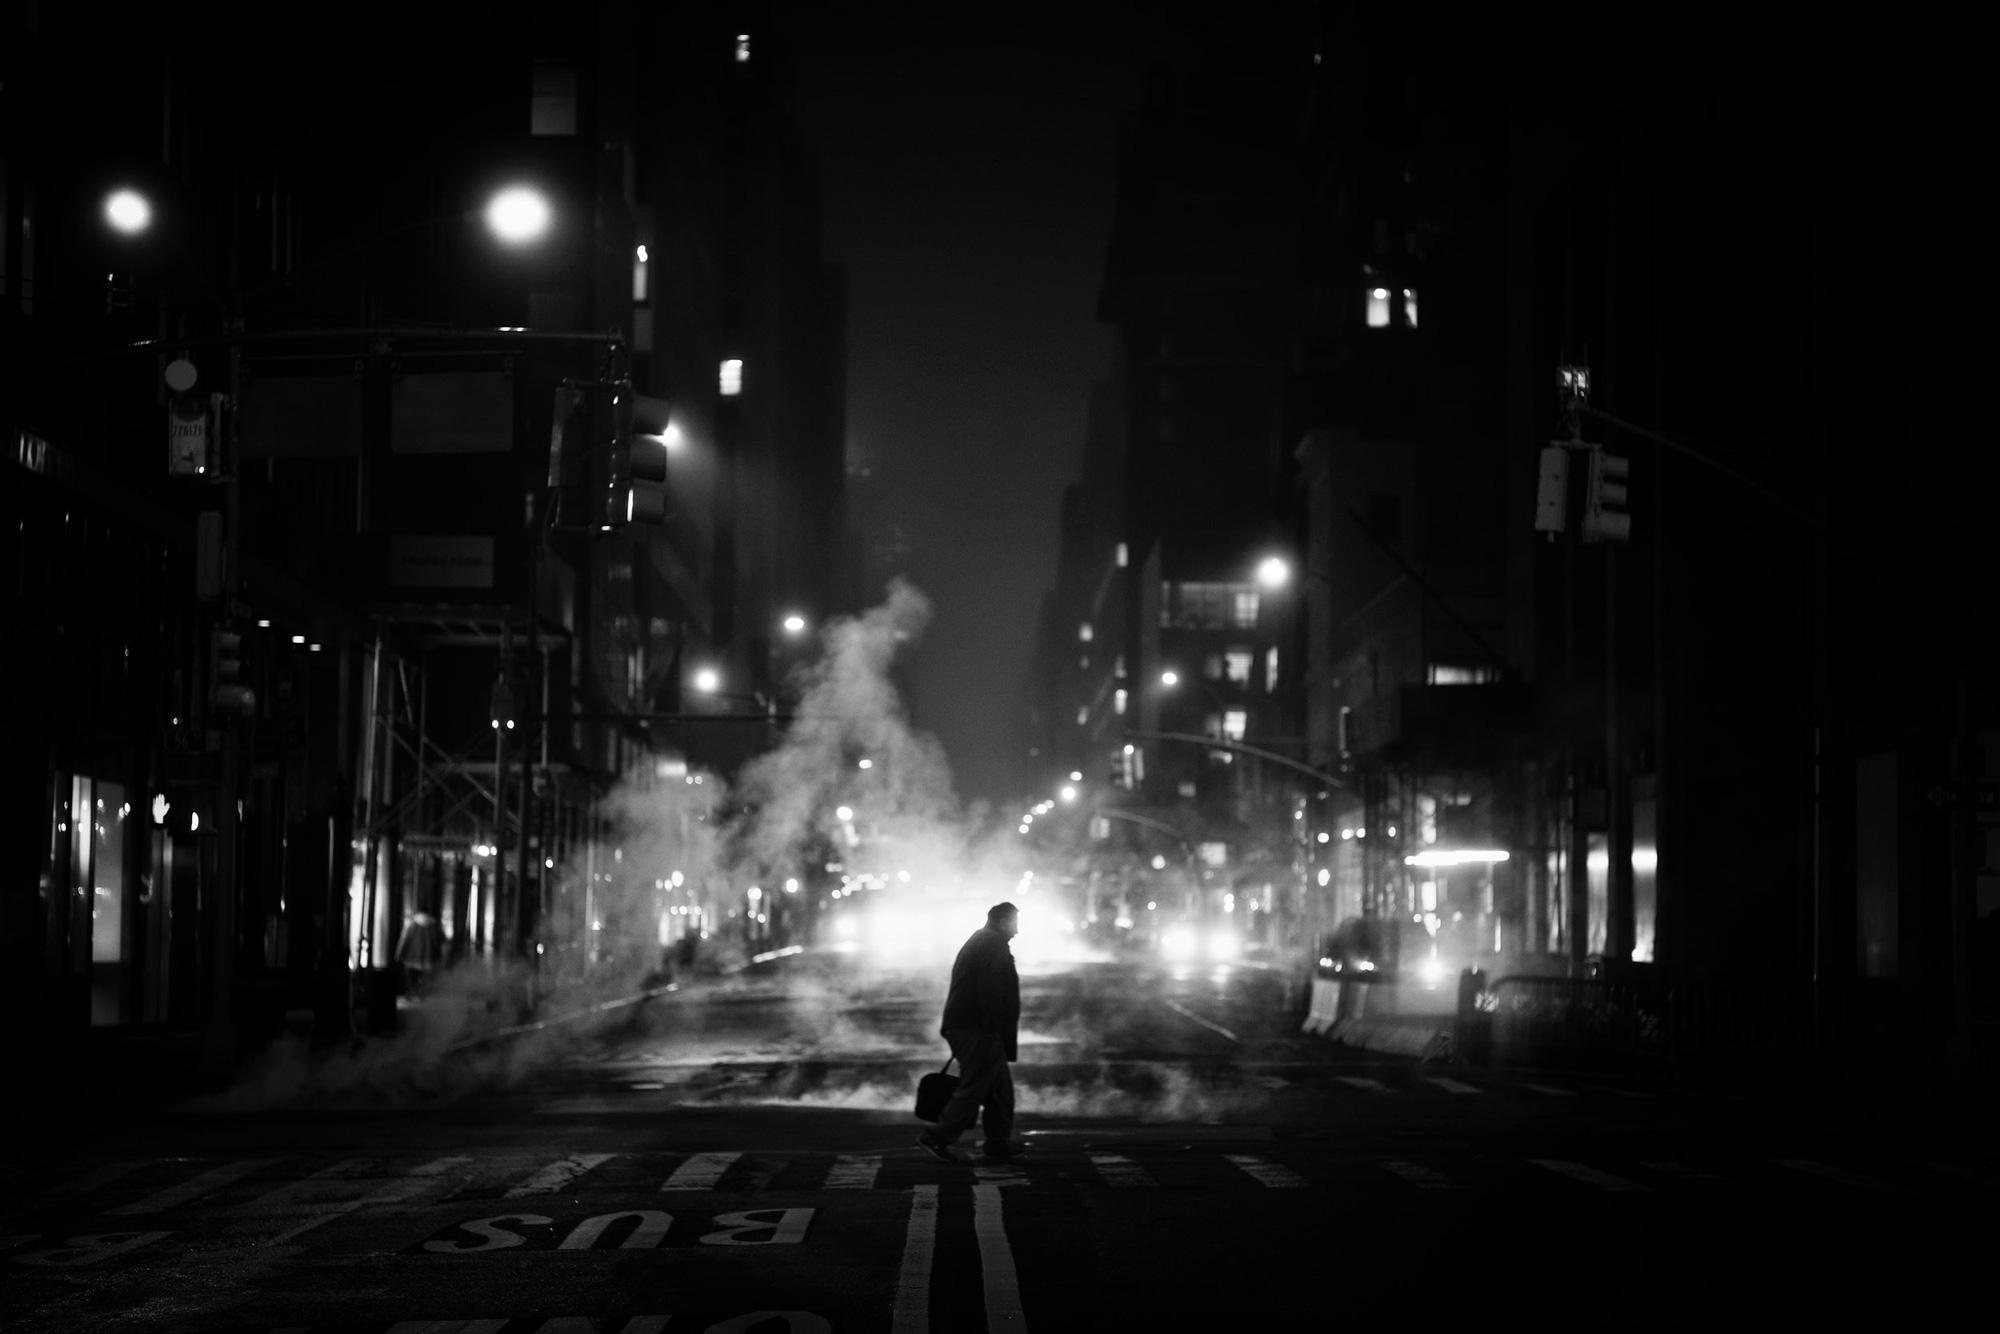 Ảnh buổi đêm đẹp nhưng buồn đến lặng người